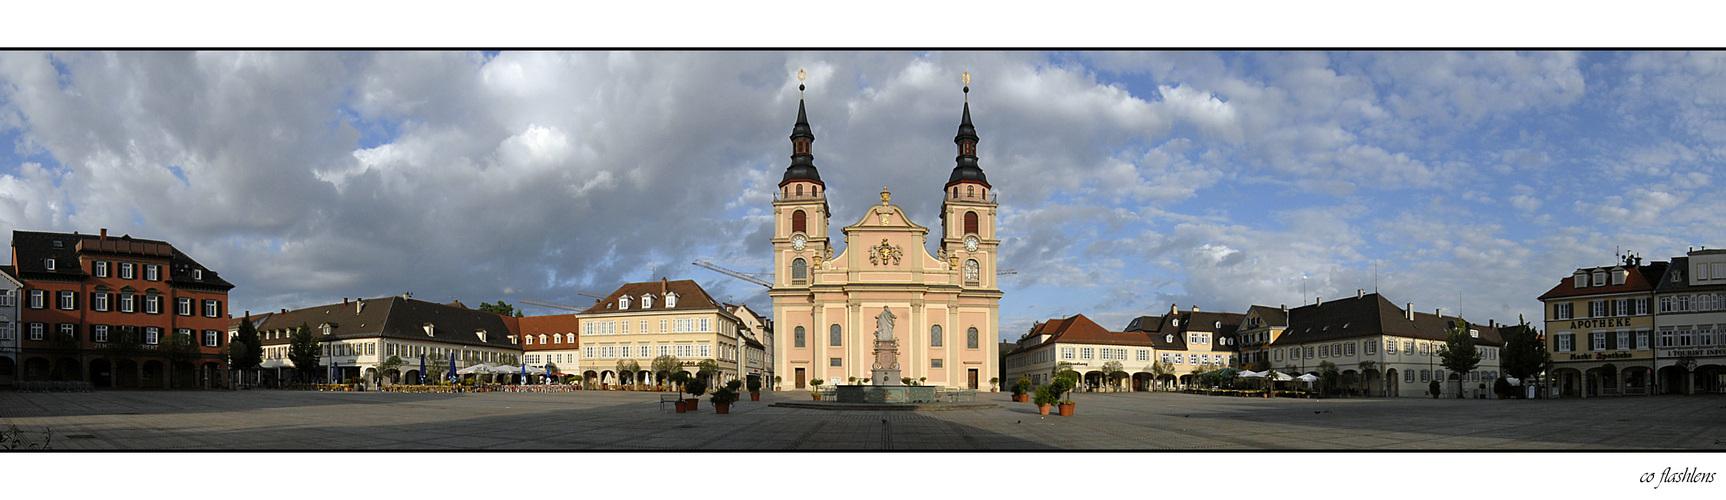 Der Marktplatz von Ludwigsburg